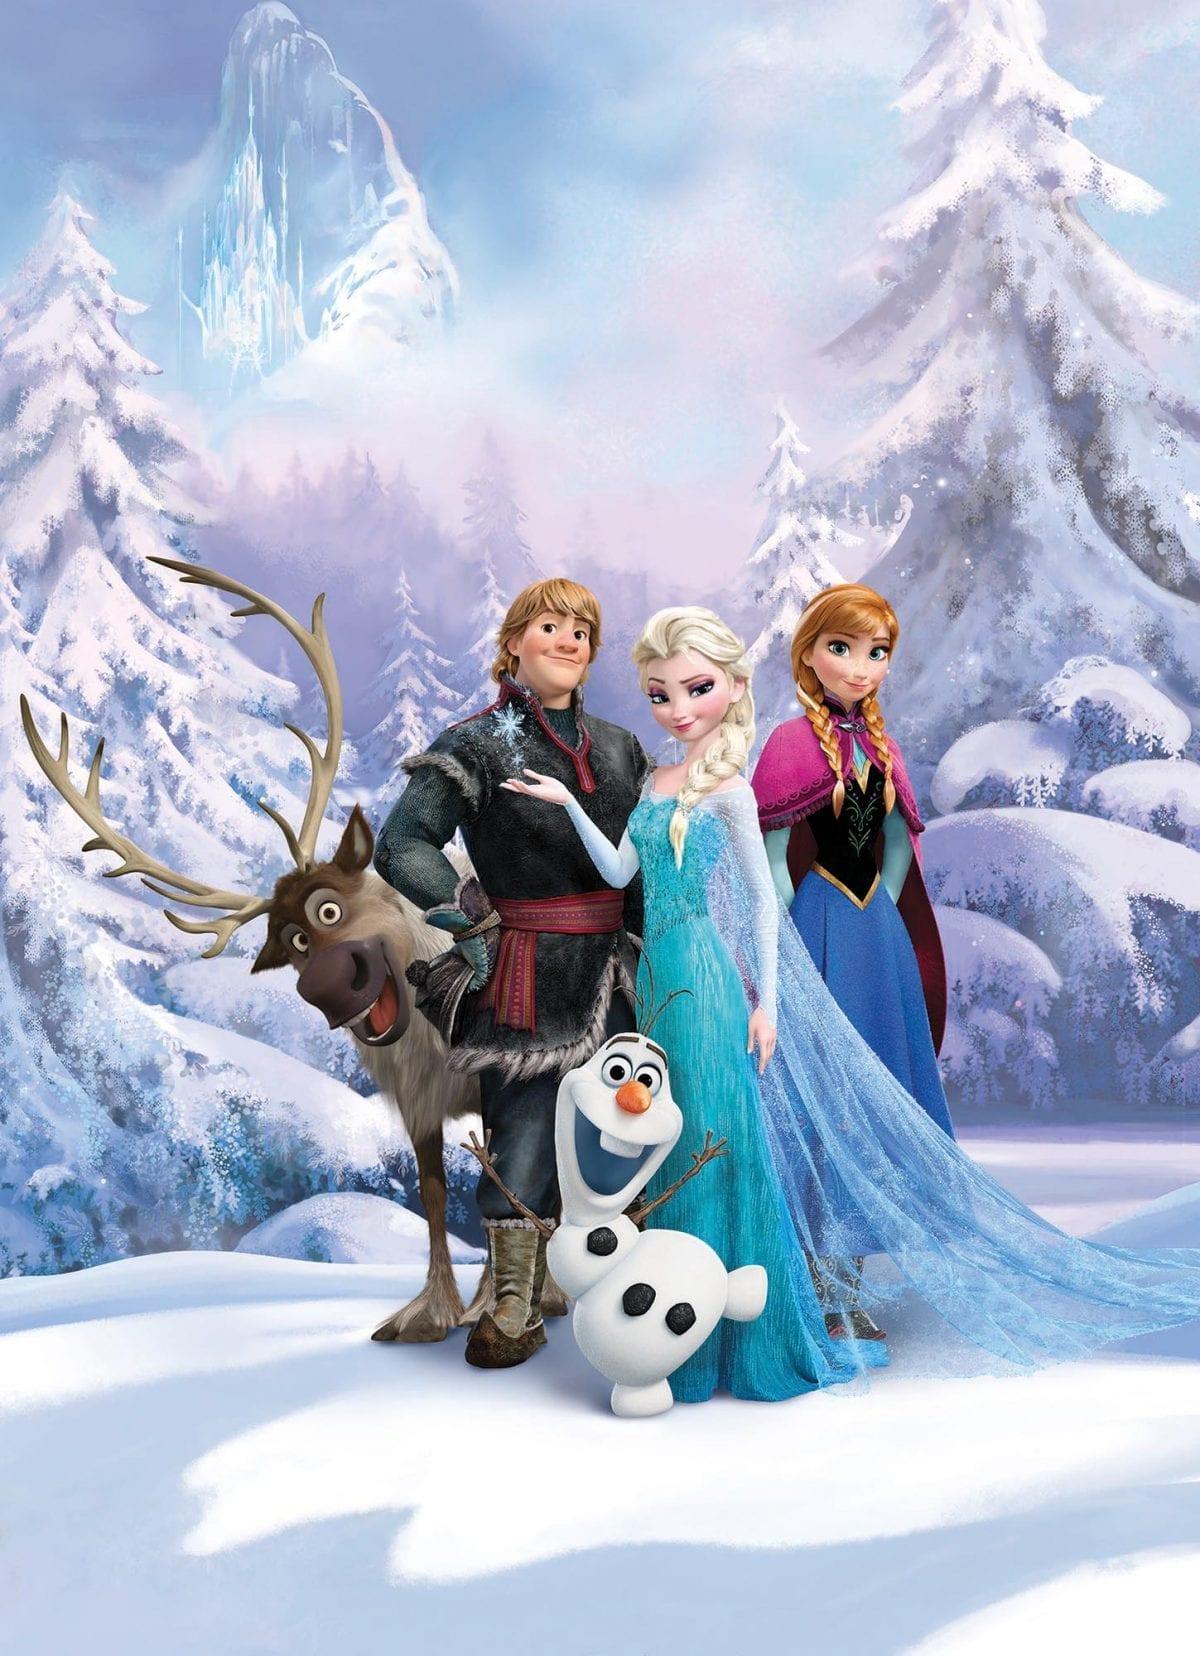 Fotomural Frozen Disney 4498 Komar